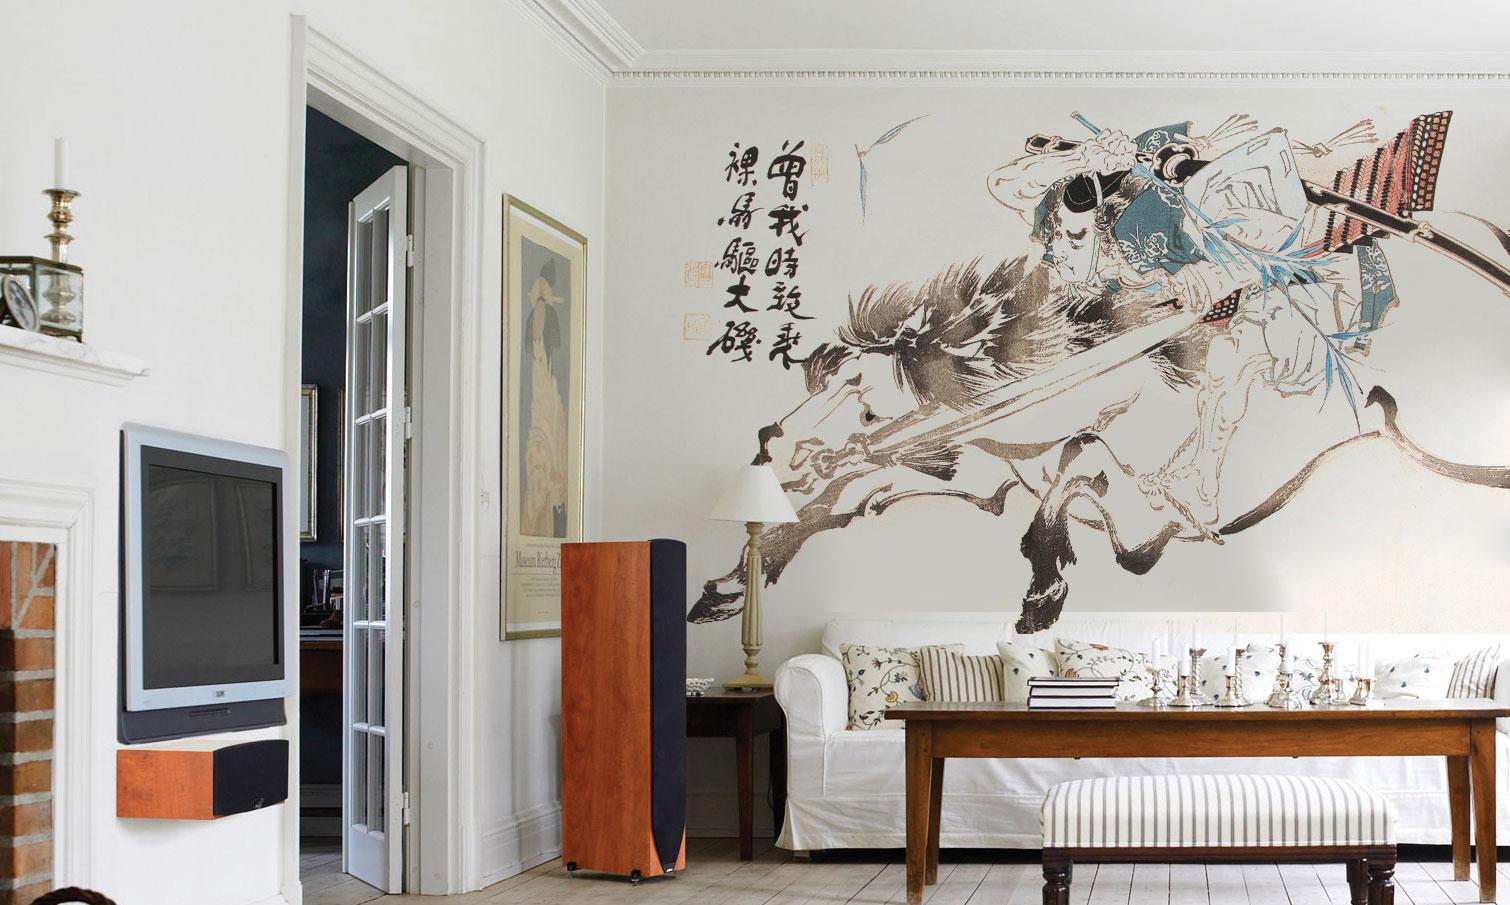 Фреска в японском стиле в гостиной